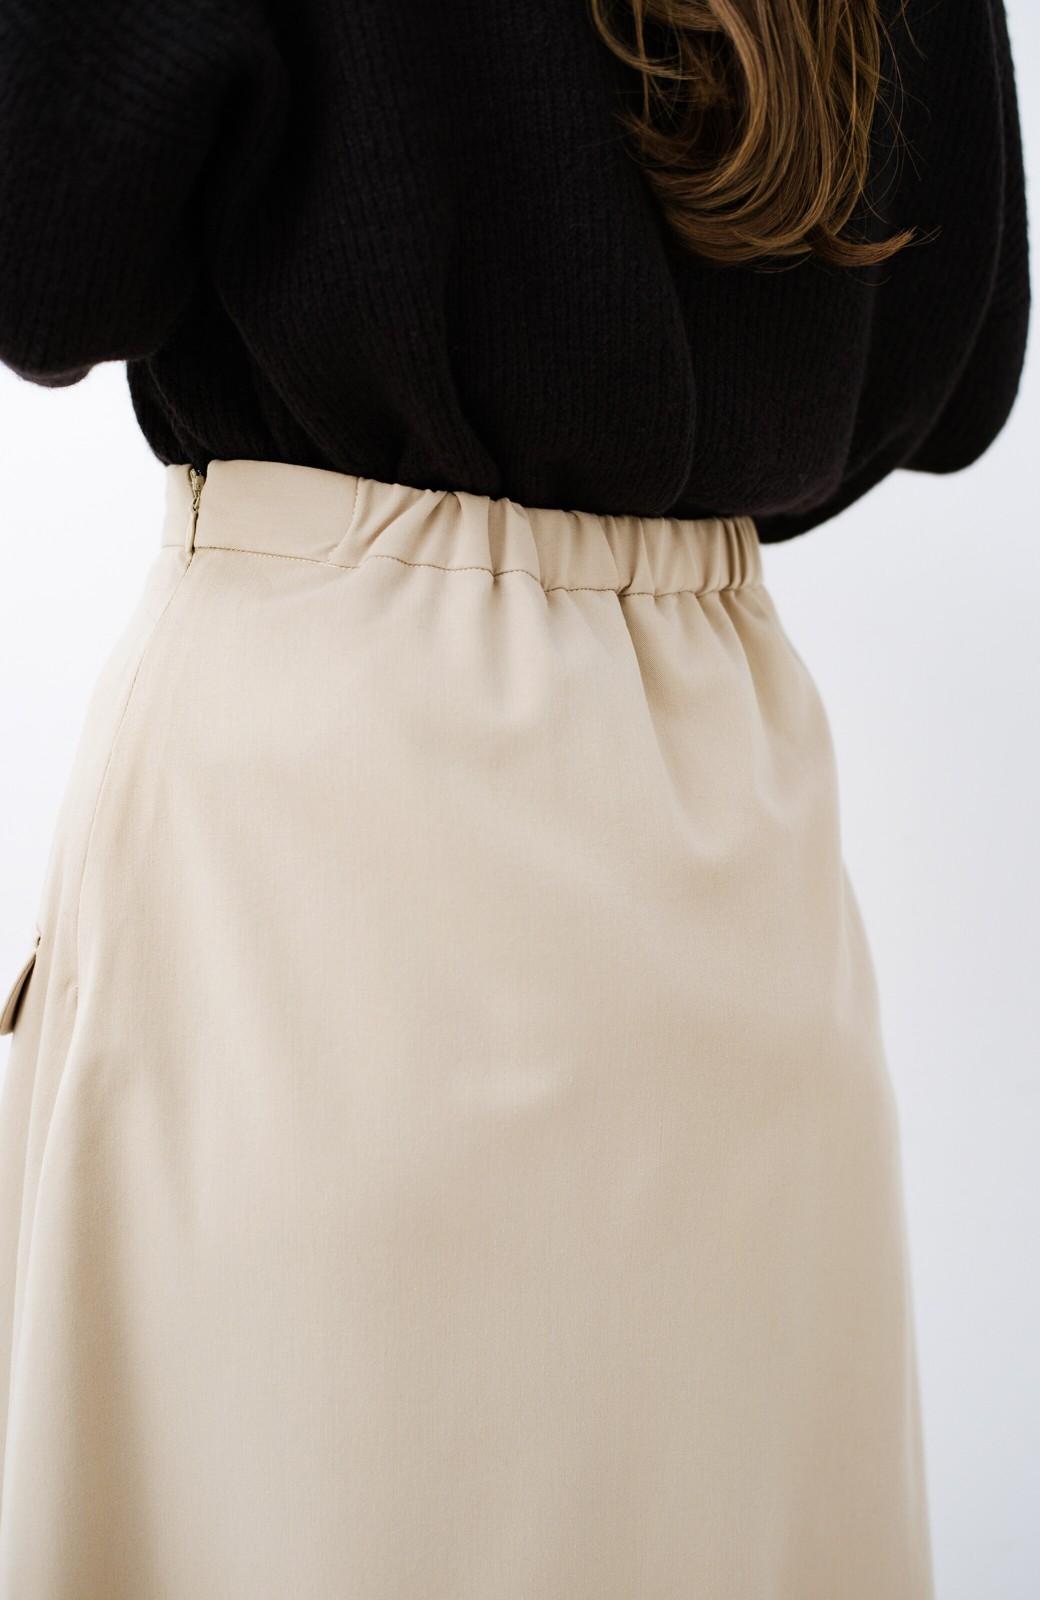 haco! オフィスにもデートにもぴったりなきれいシルエットのAラインスカート <ベージュ>の商品写真10